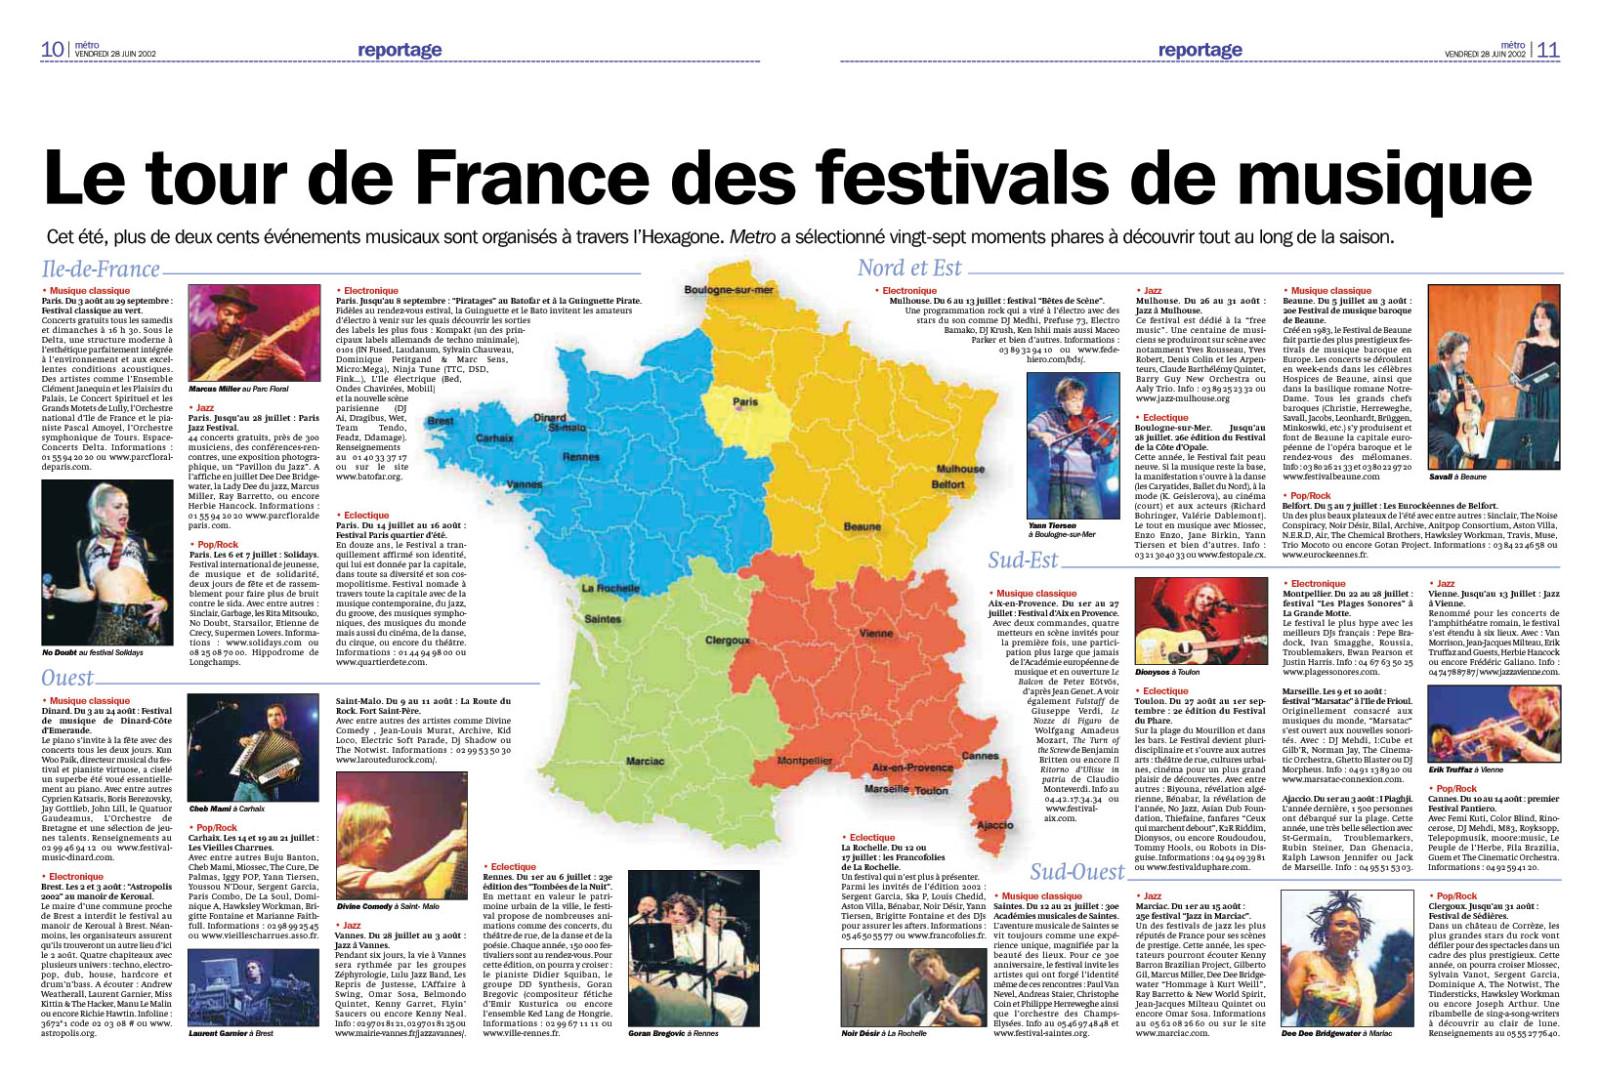 Festival du Phare  | Toulon | 2002 | Revue de presse Festival du Phare  | Toulon | 2002 | Revue de presse banes jean vincent toulon metreo culture digitale